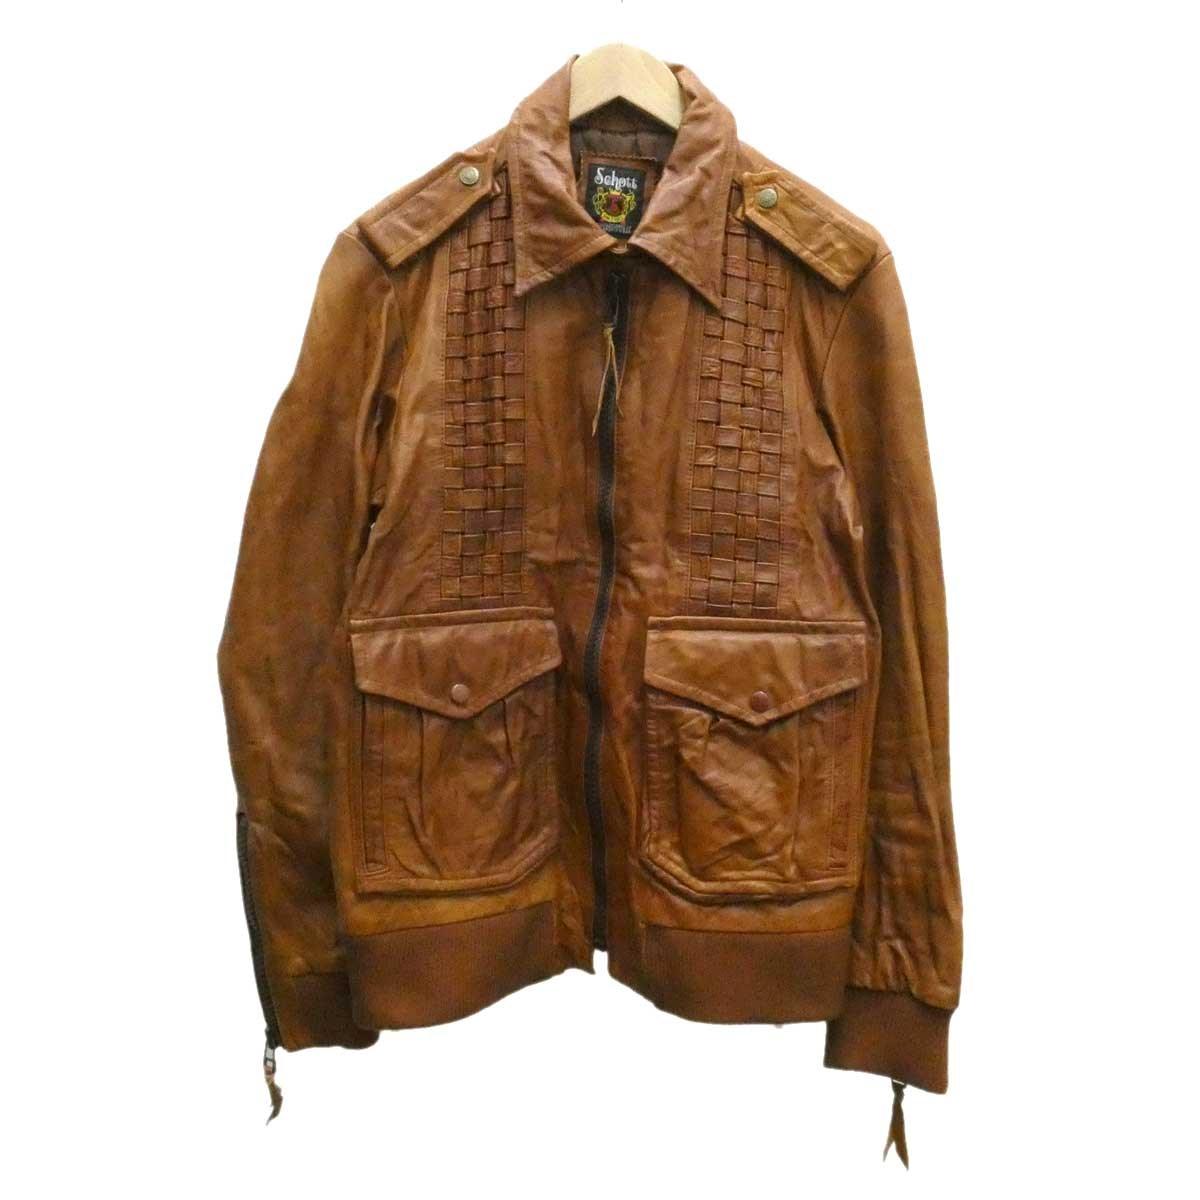 【中古】SCHOTTホースハイドジャケット ライトブラウン サイズ:L【2月20日見直し】